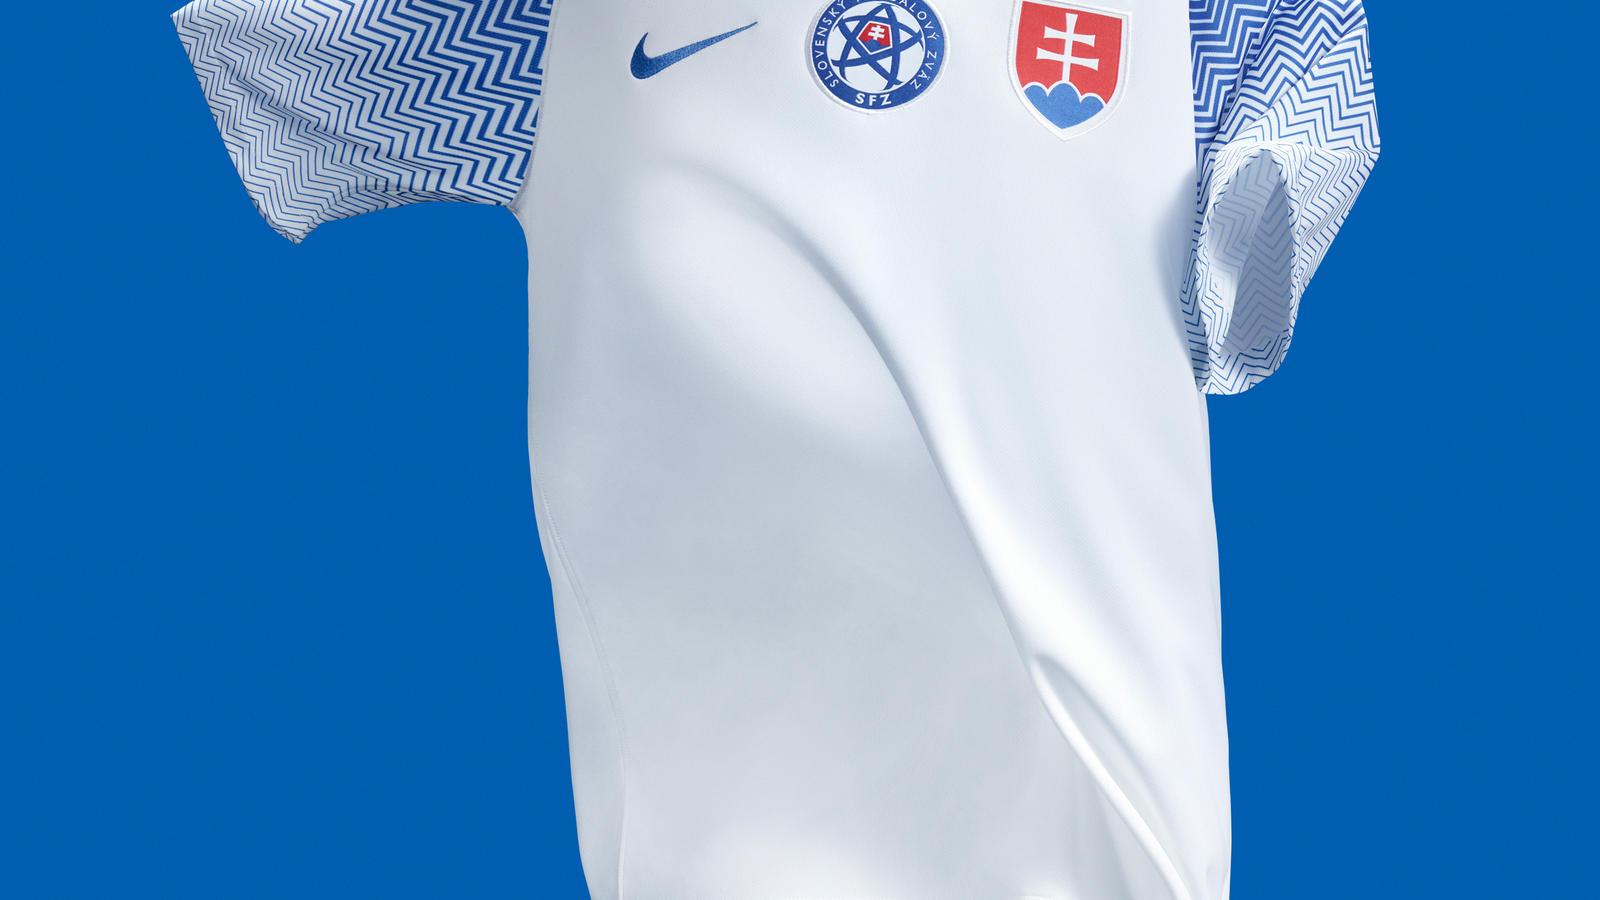 Slovakia home 01 hd 1600